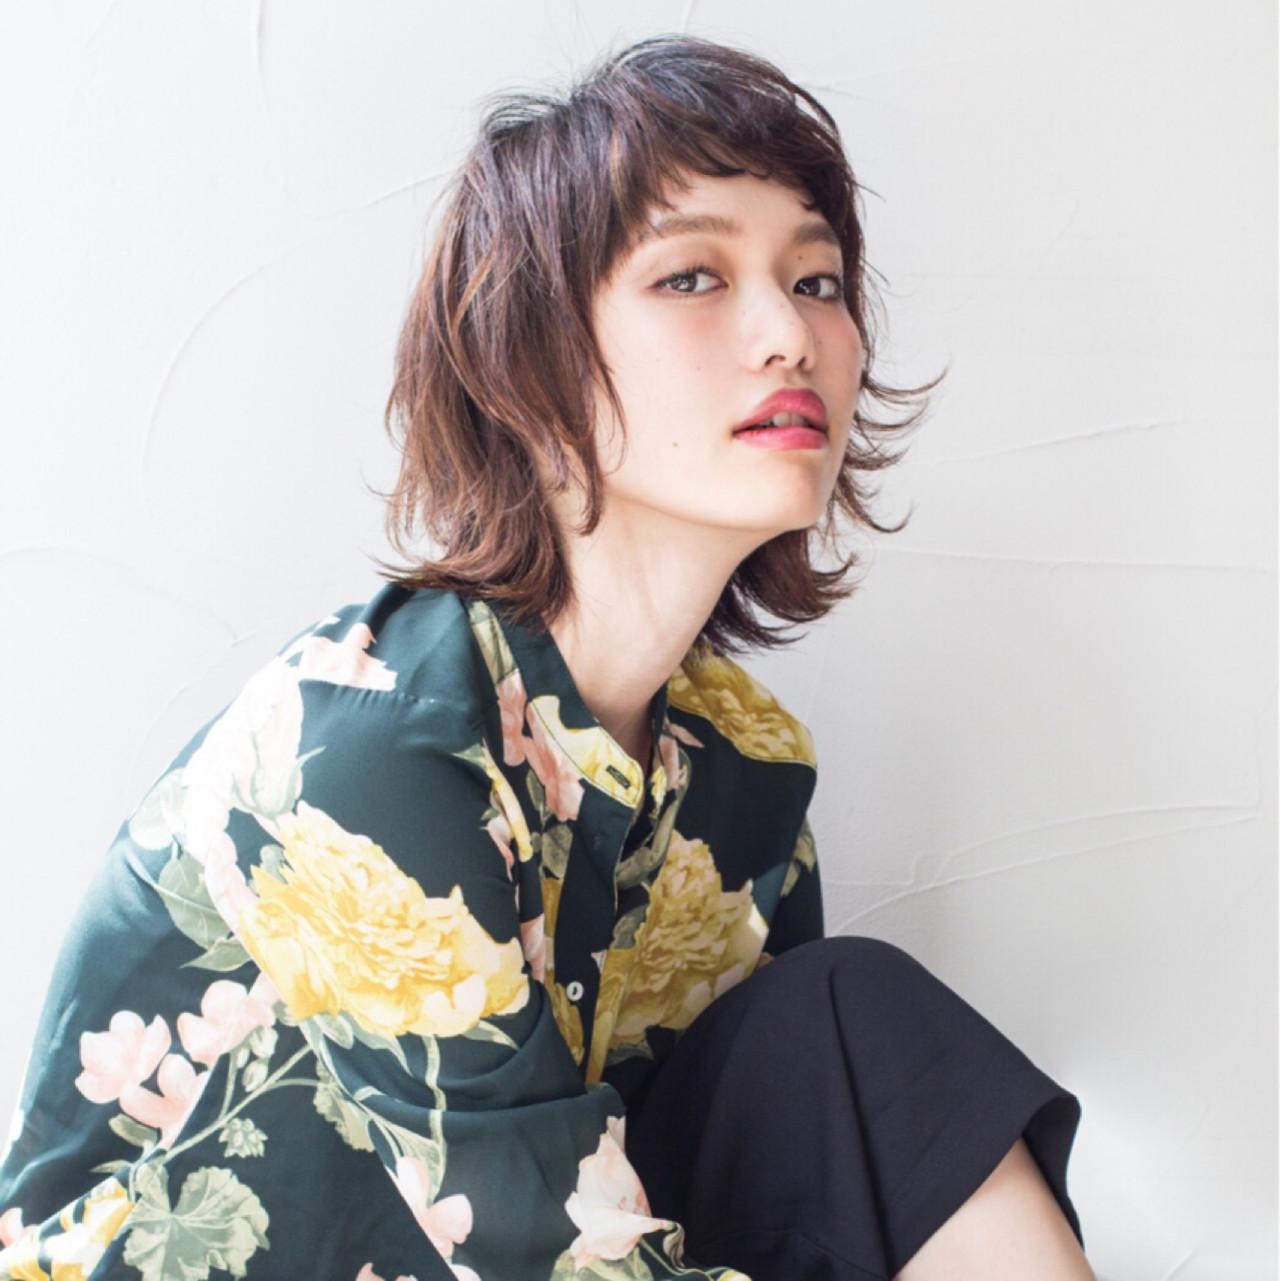 【ショートヘア向け】短くてもピッタリはまる!デジタルパーマスタイル 山田涼一